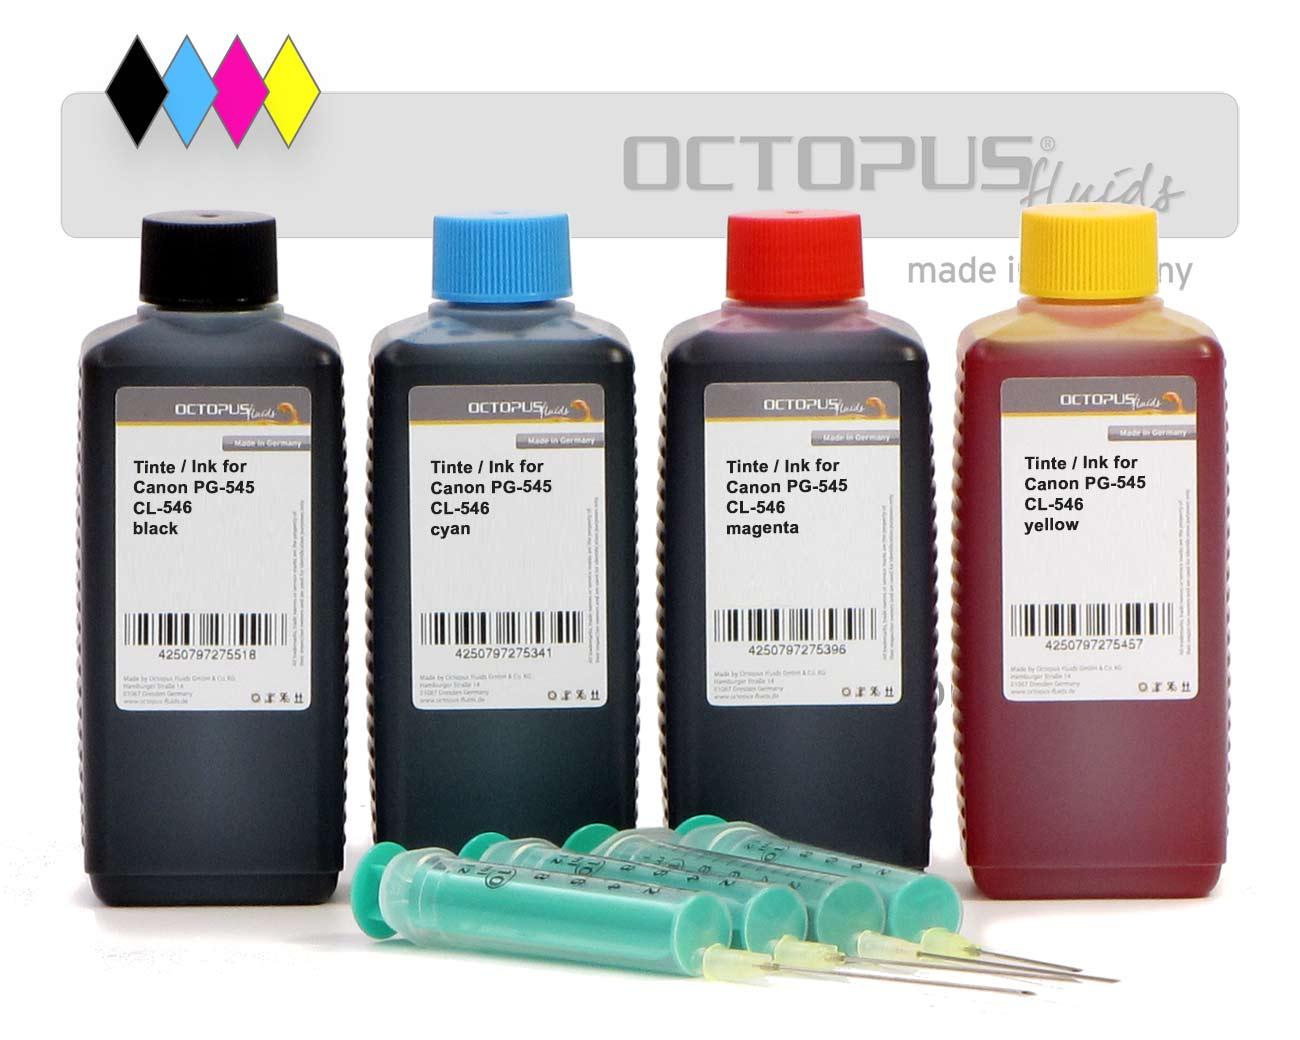 Kit di inchiostri per cartucce Canon PG-545, CL-546, Tutti i colori